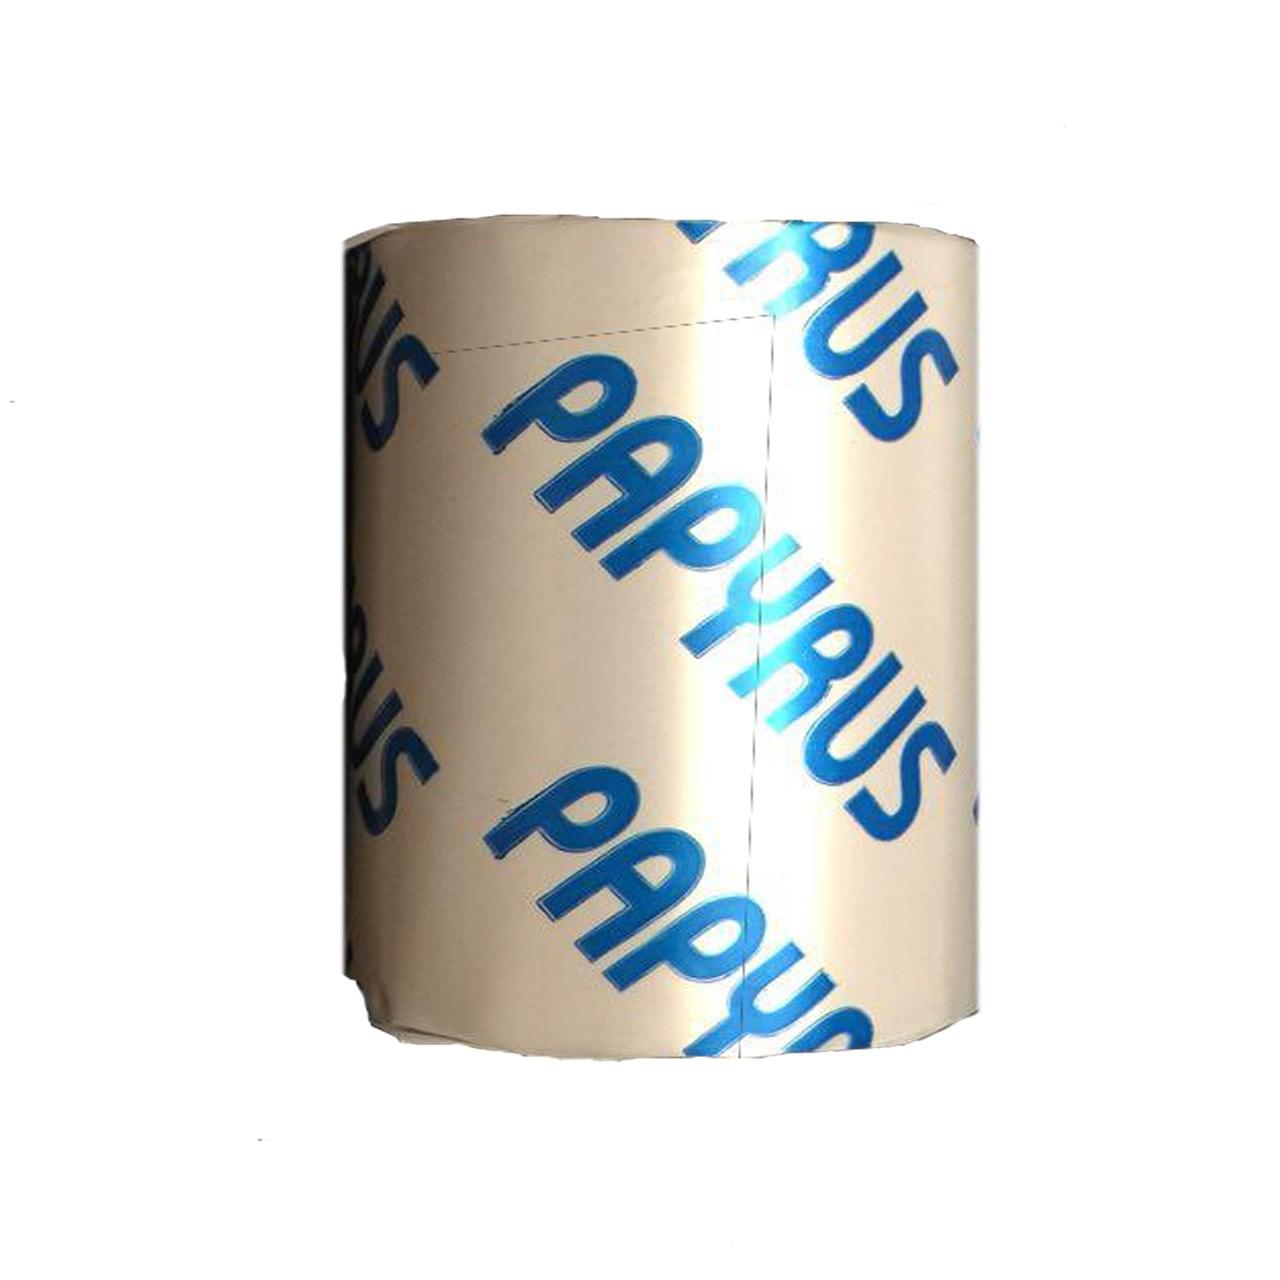 کاغذ مخصوص پرینتر حرارتی پاپیروس مدل 80mm بسته 10 عددی